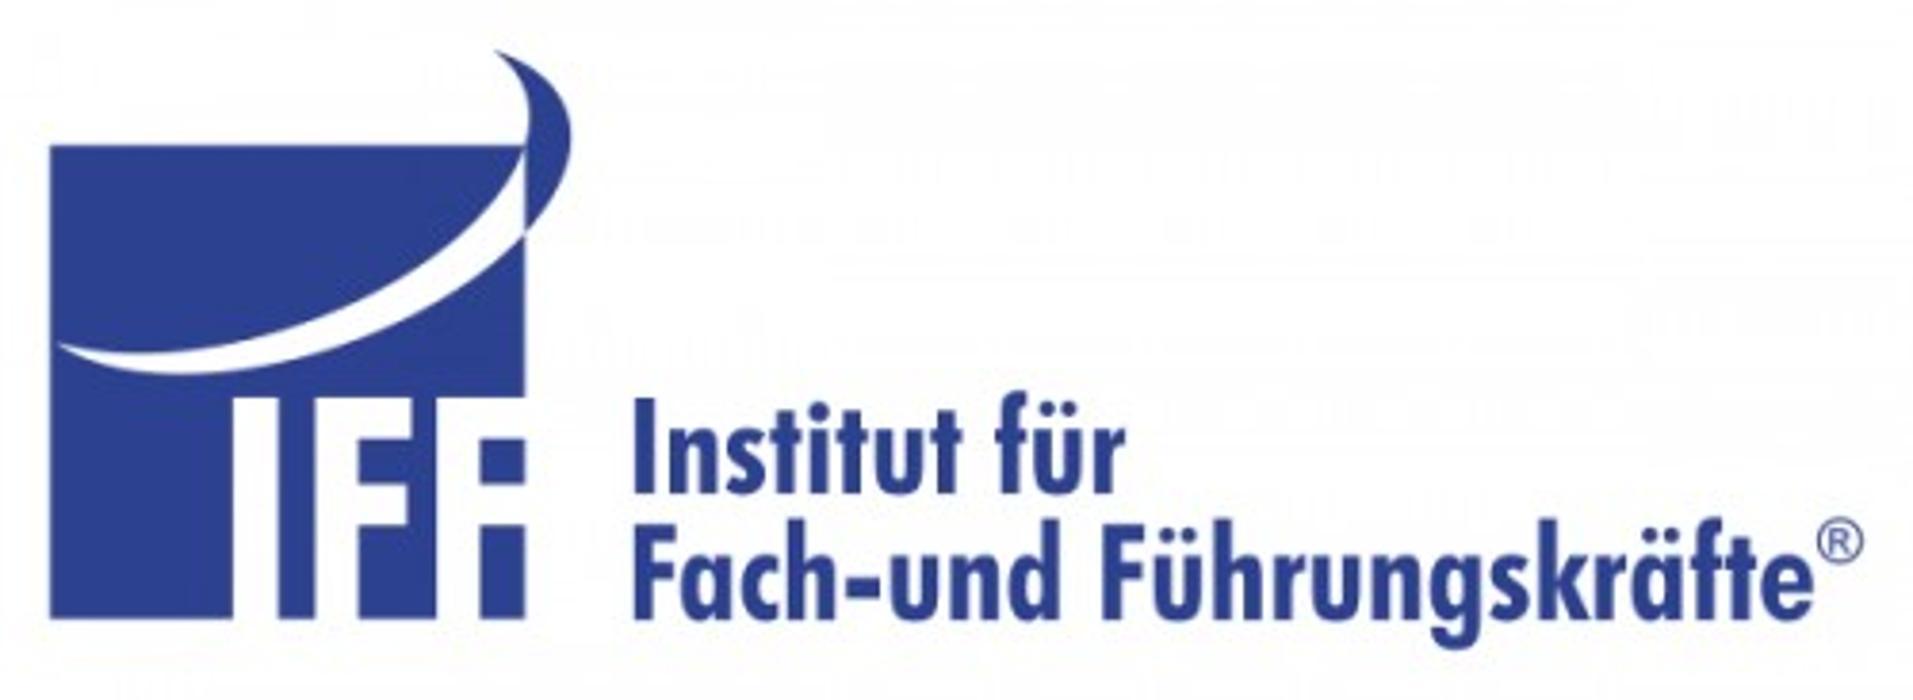 Bild zu IFF Institut für Fach - und Führungskräfte in Köln